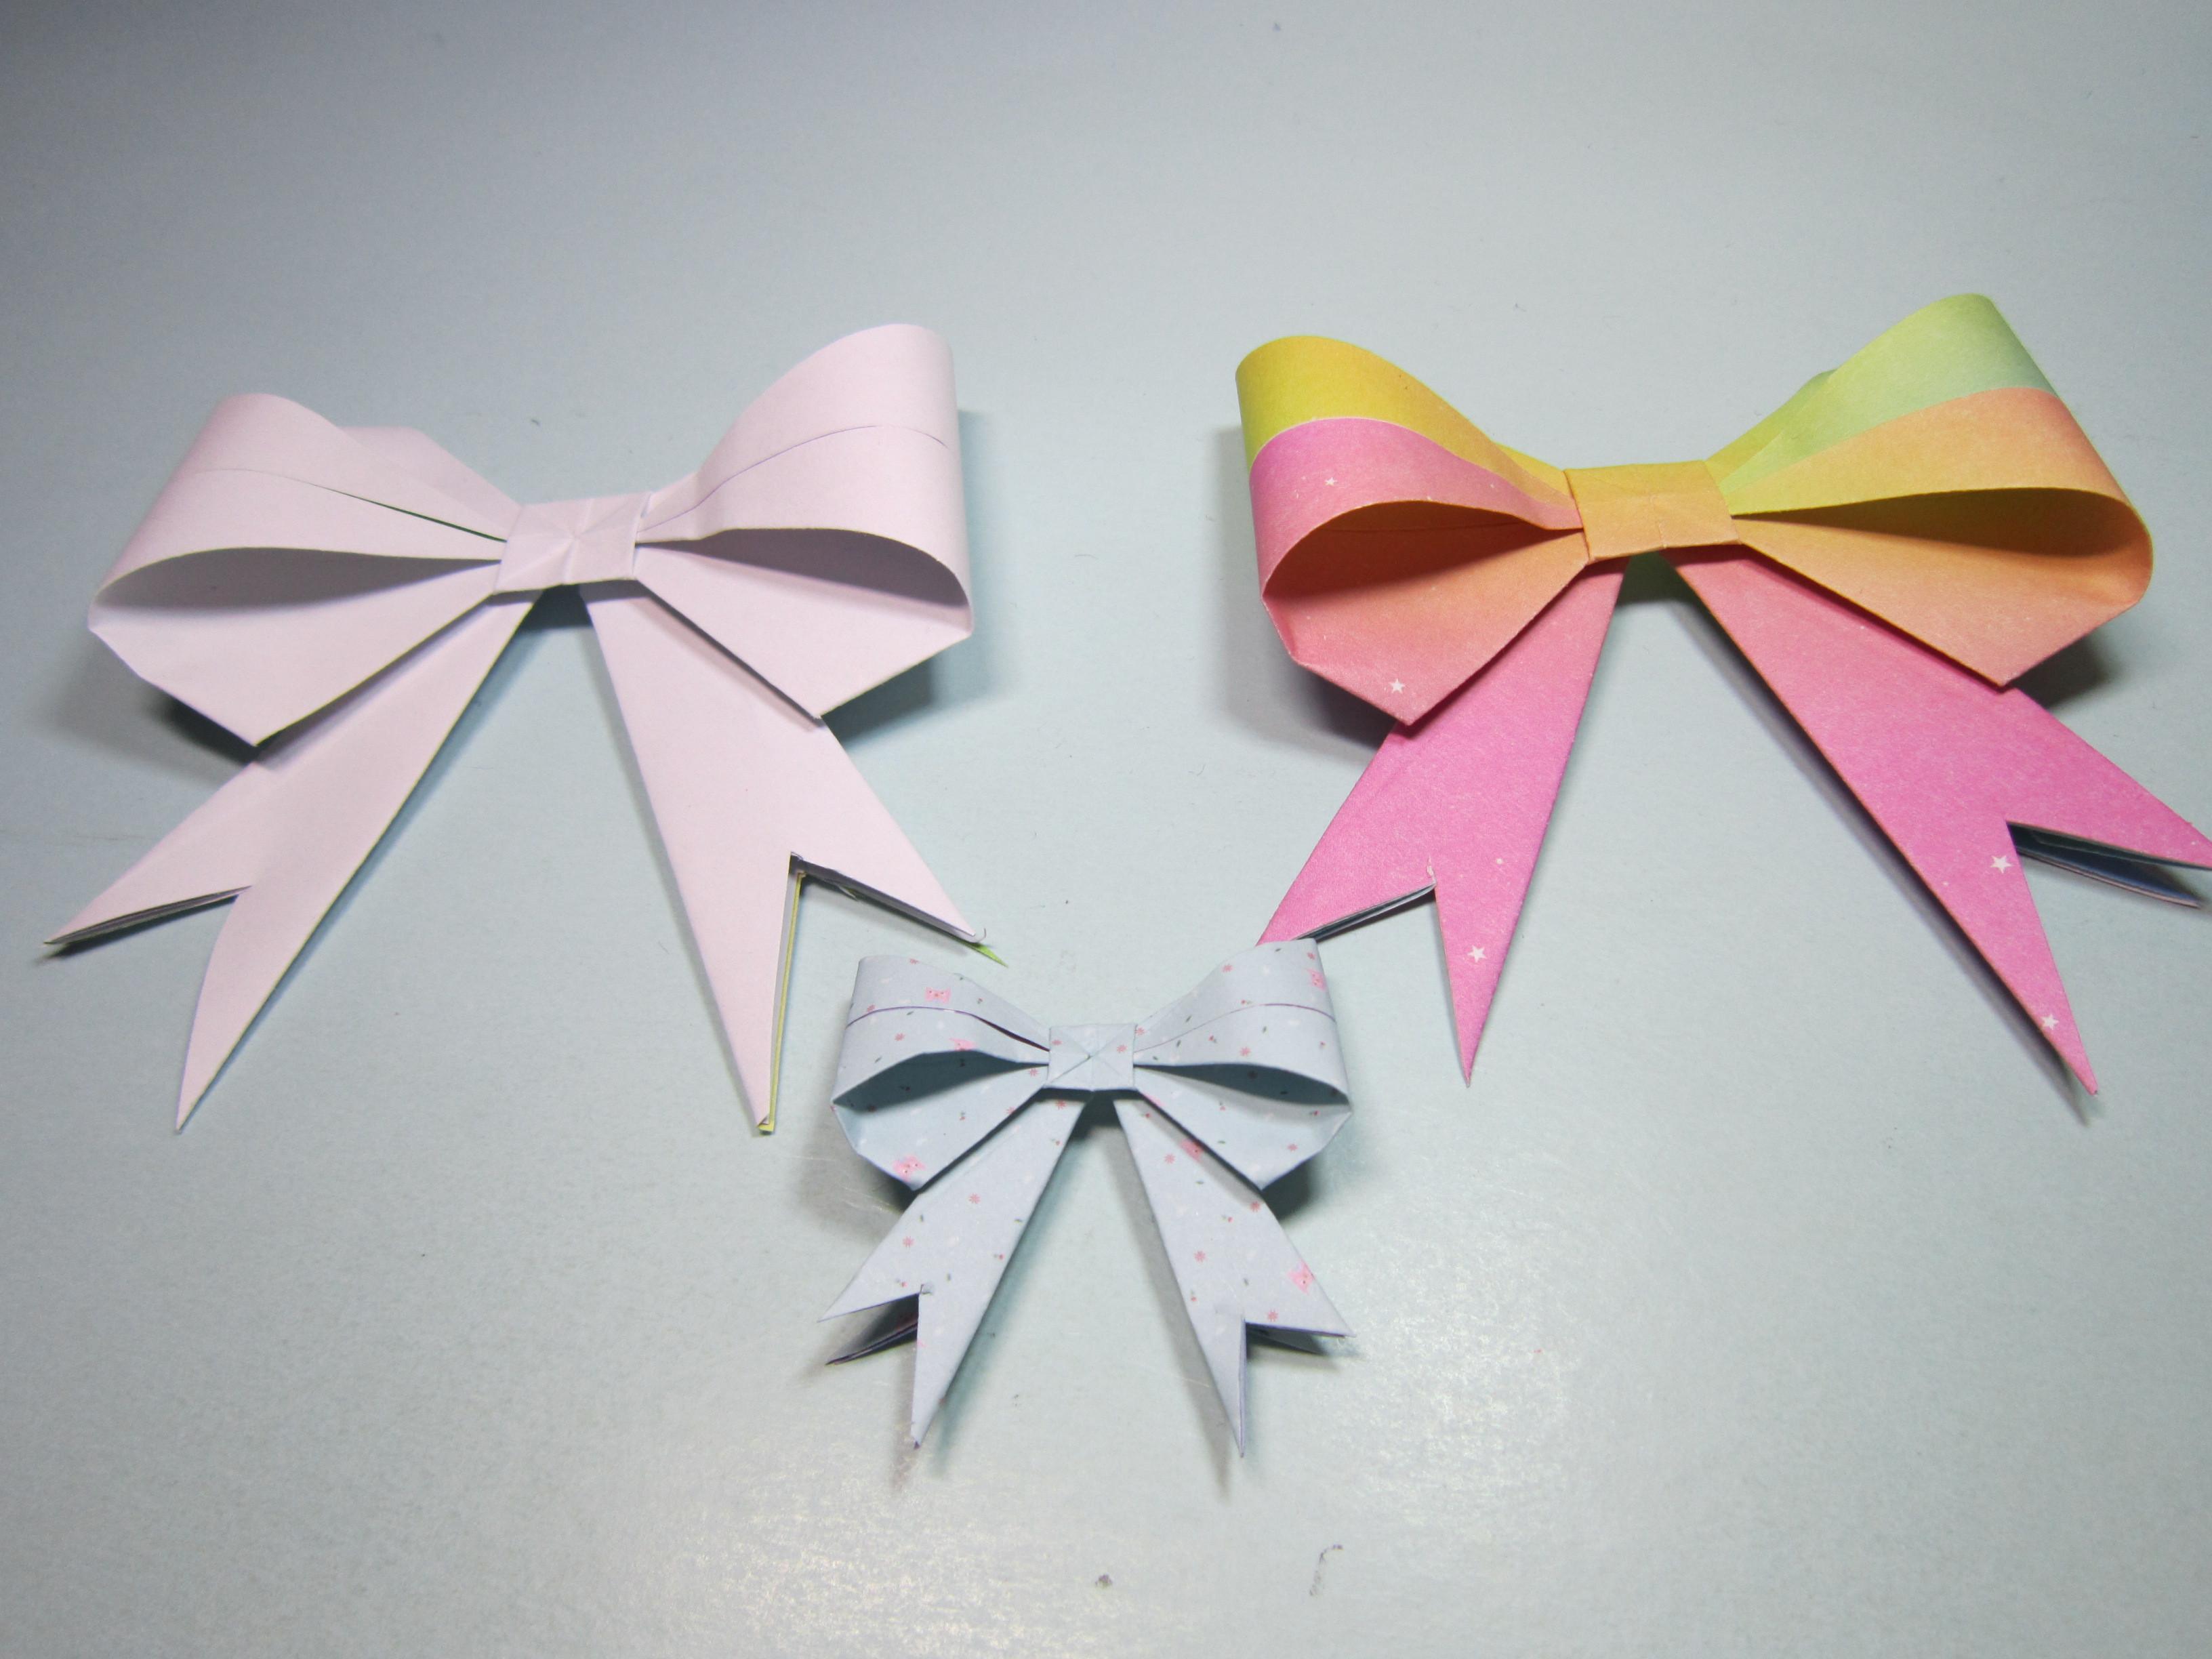 儿童手工折纸蝴蝶结,一张纸4分钟折出美丽简单的蝴蝶结